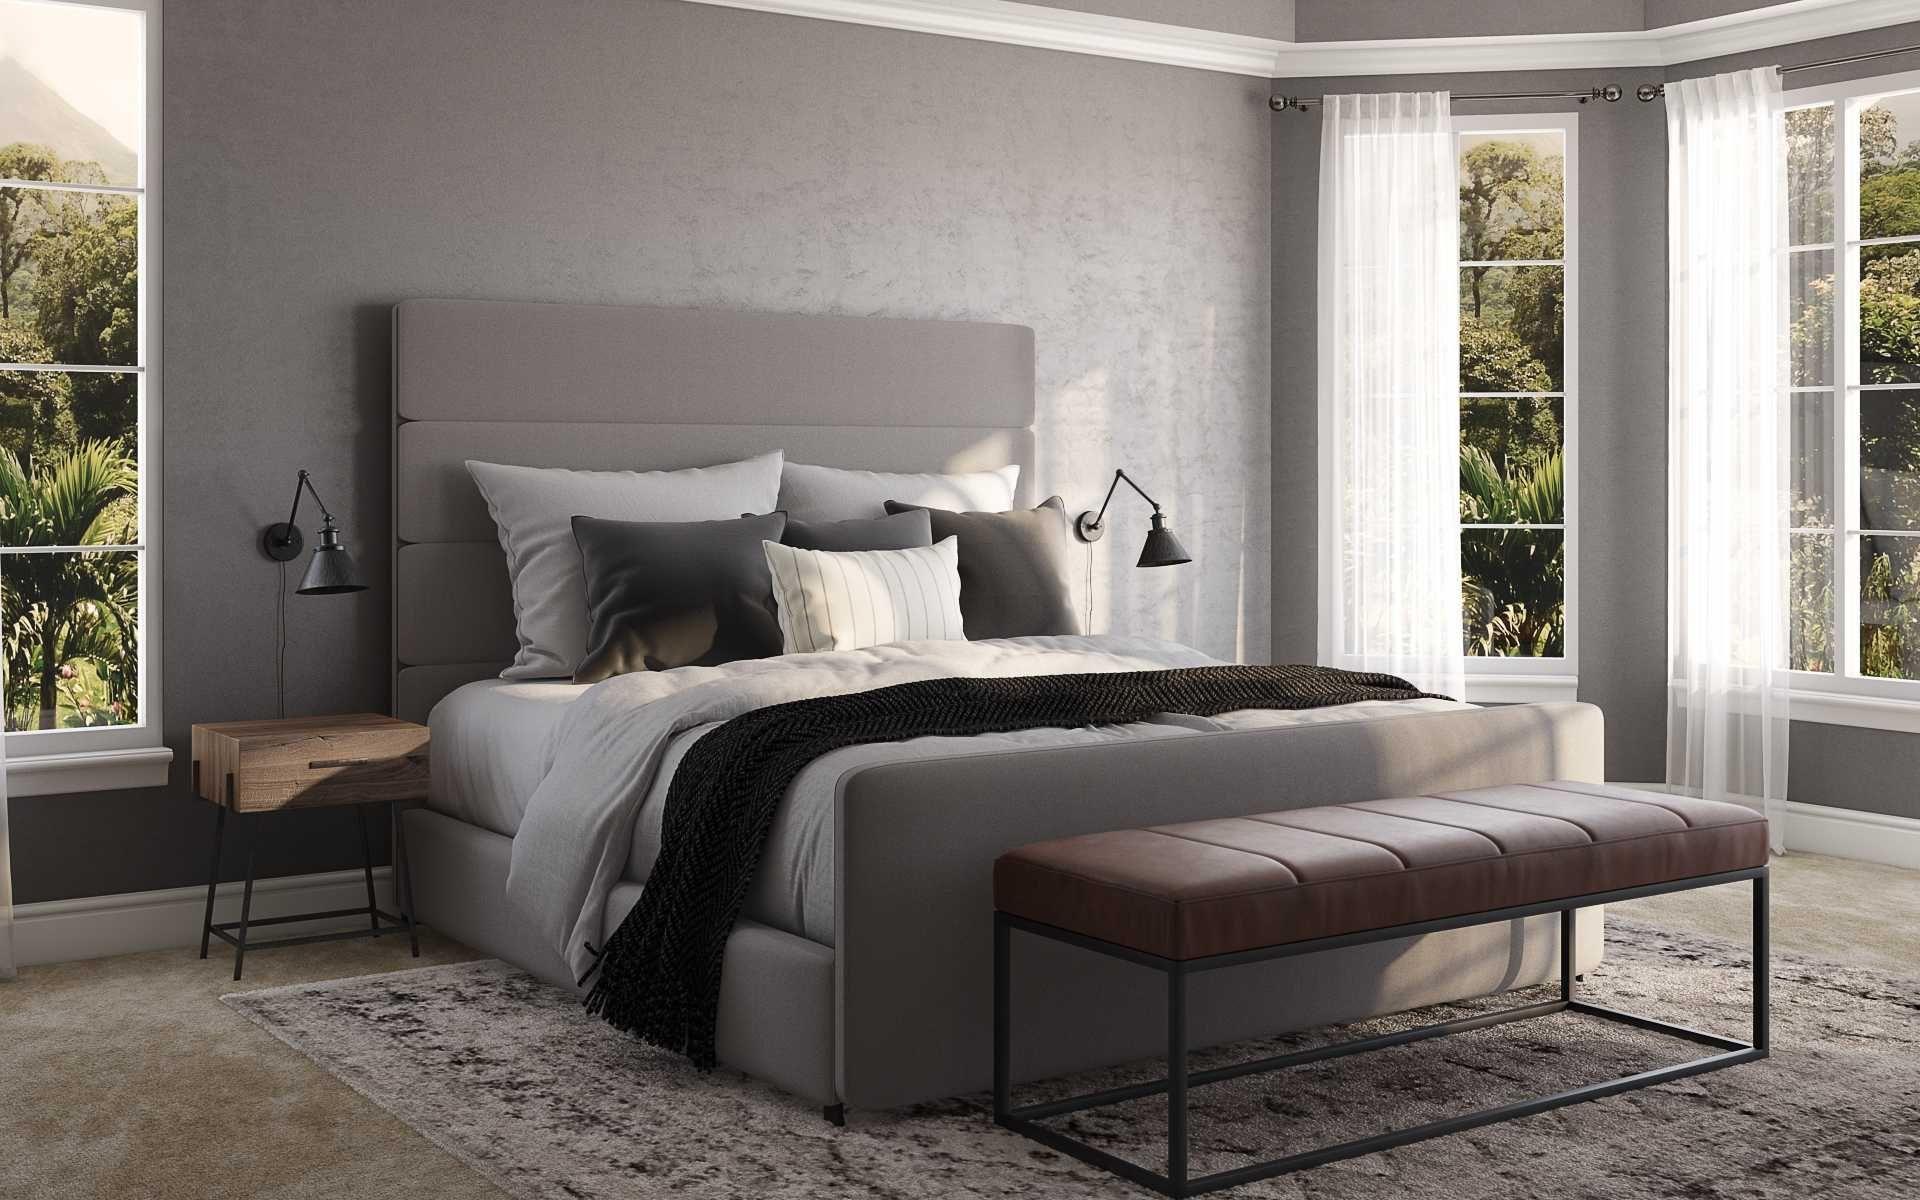 Modern Rustic Scandinavian Bedroom Design By Havenly Interior Designer Chelsea Bedroom Design Interior Design Scandinavian Design Bedroom